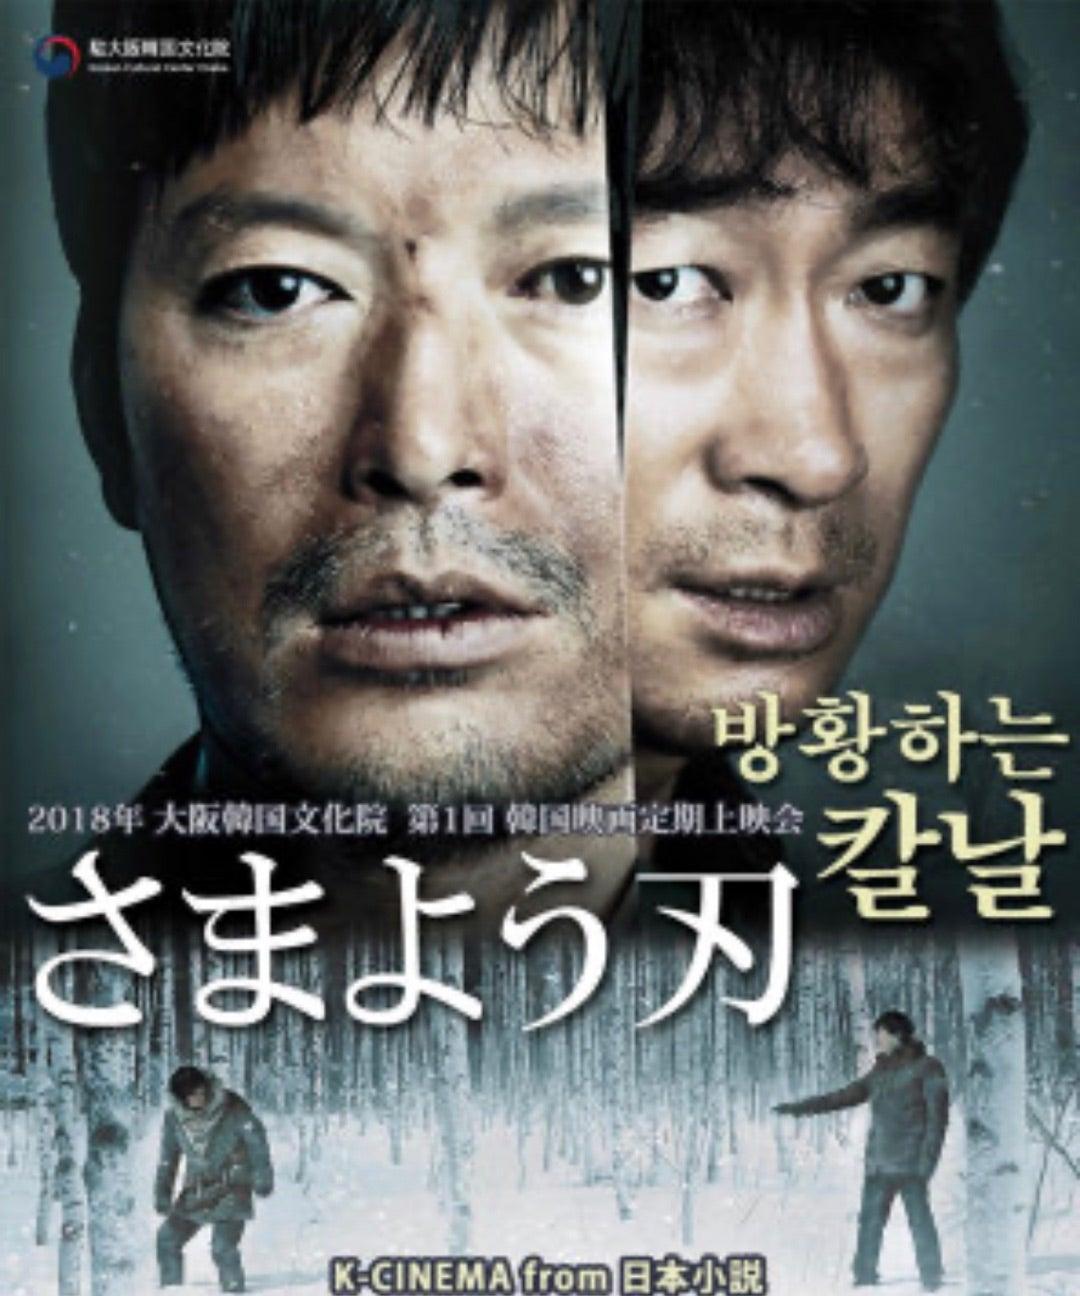 映画「さまよう刃」(韓国版)DVD観賞」 | HISARKEY(魅通)のブログ